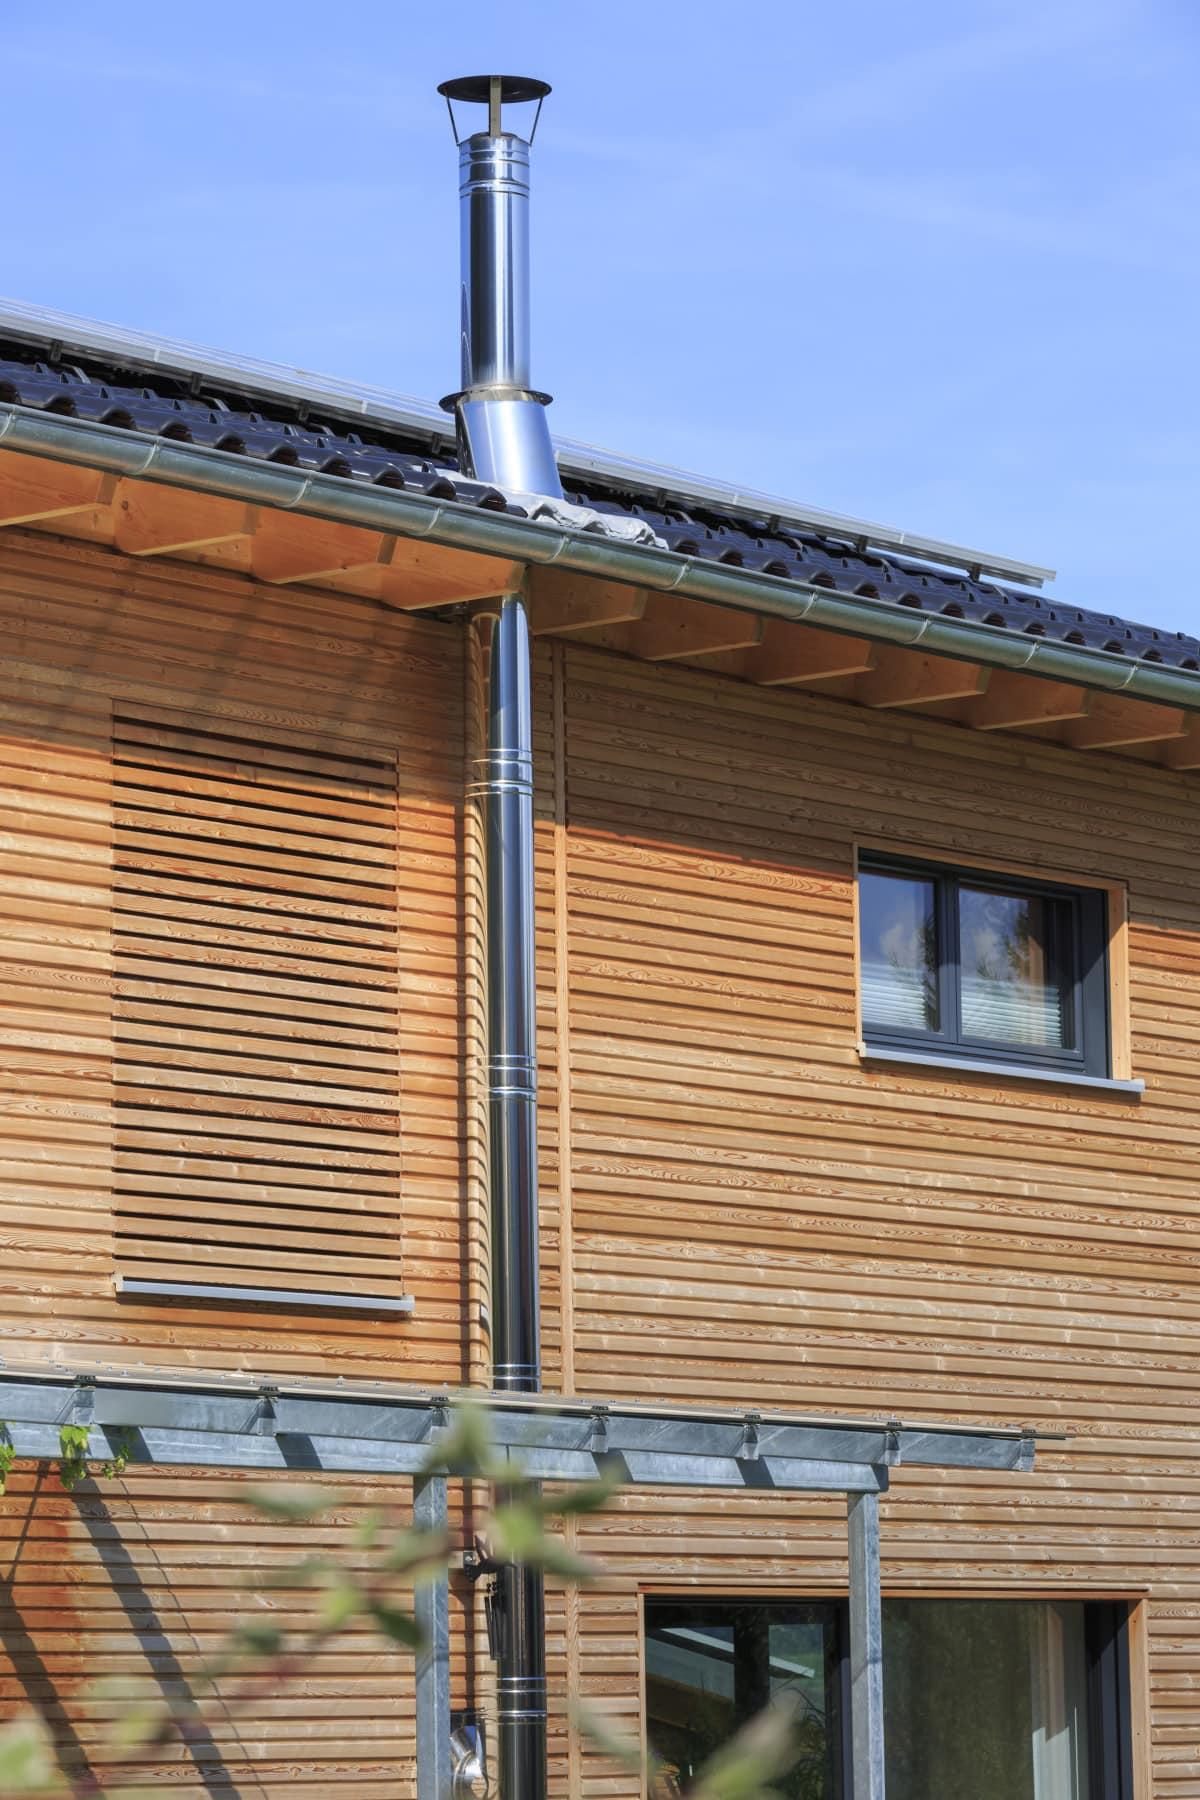 Holz Fassade mit Aussenkamin & Pergola - Architektur Detail Haus Design Ideen Fertighaus Ökohaus Schneider / Baufritz - HausbauDirekt.de